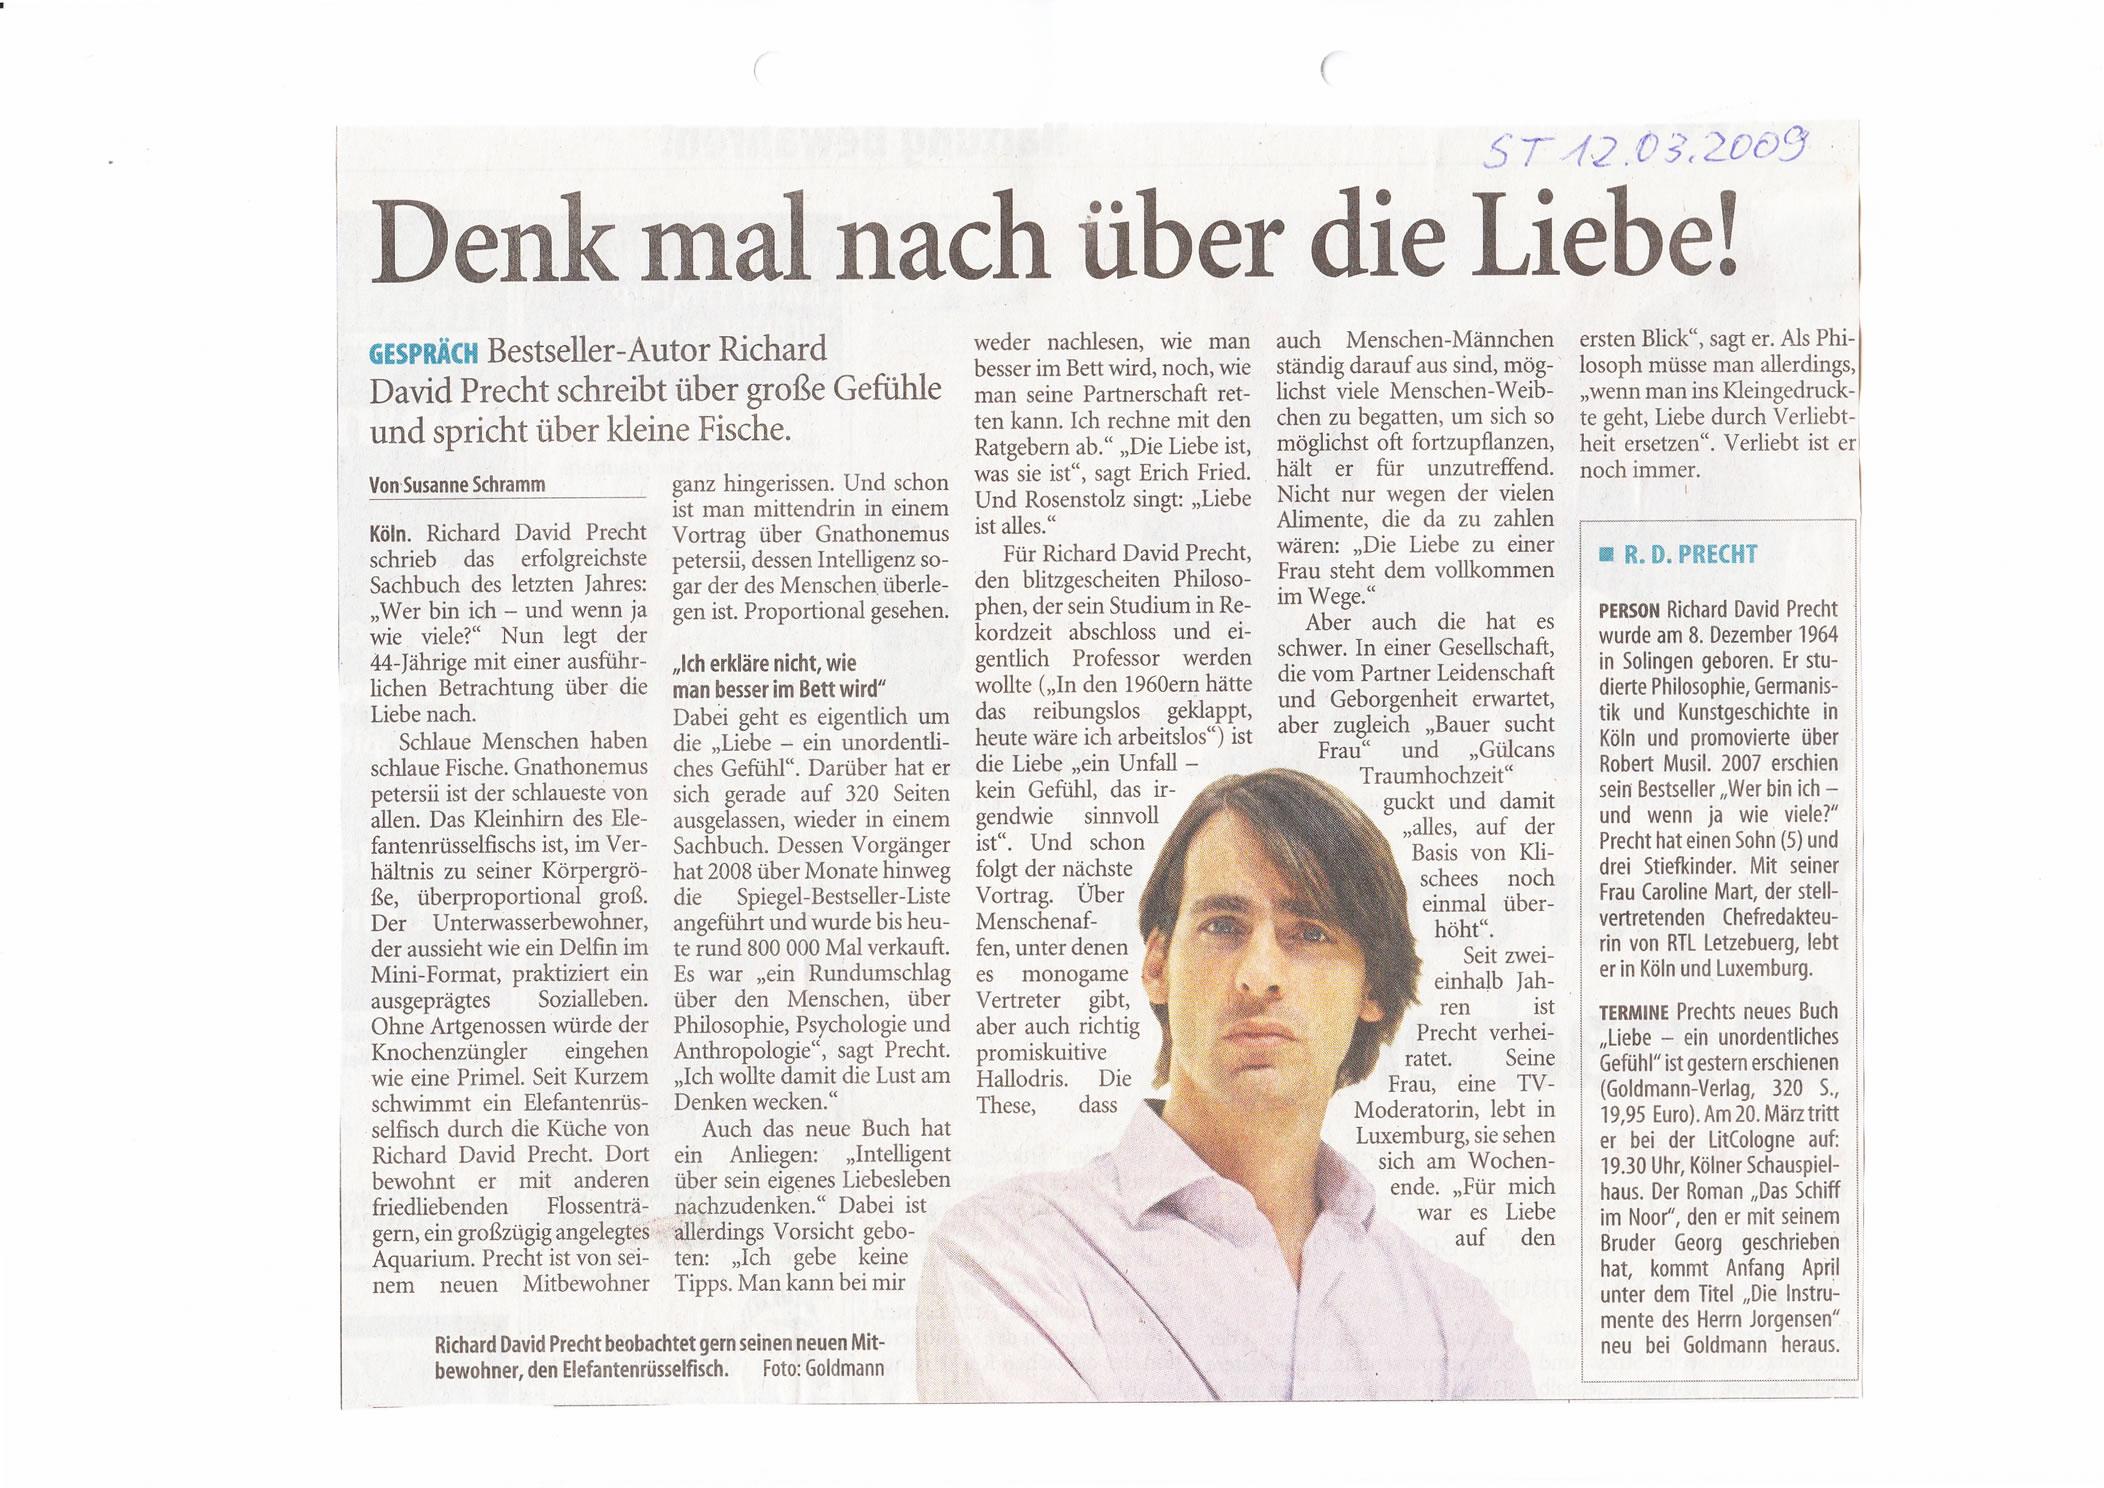 Solinger Tageblatt 03/09: Bericht Lesung Richard David Precht